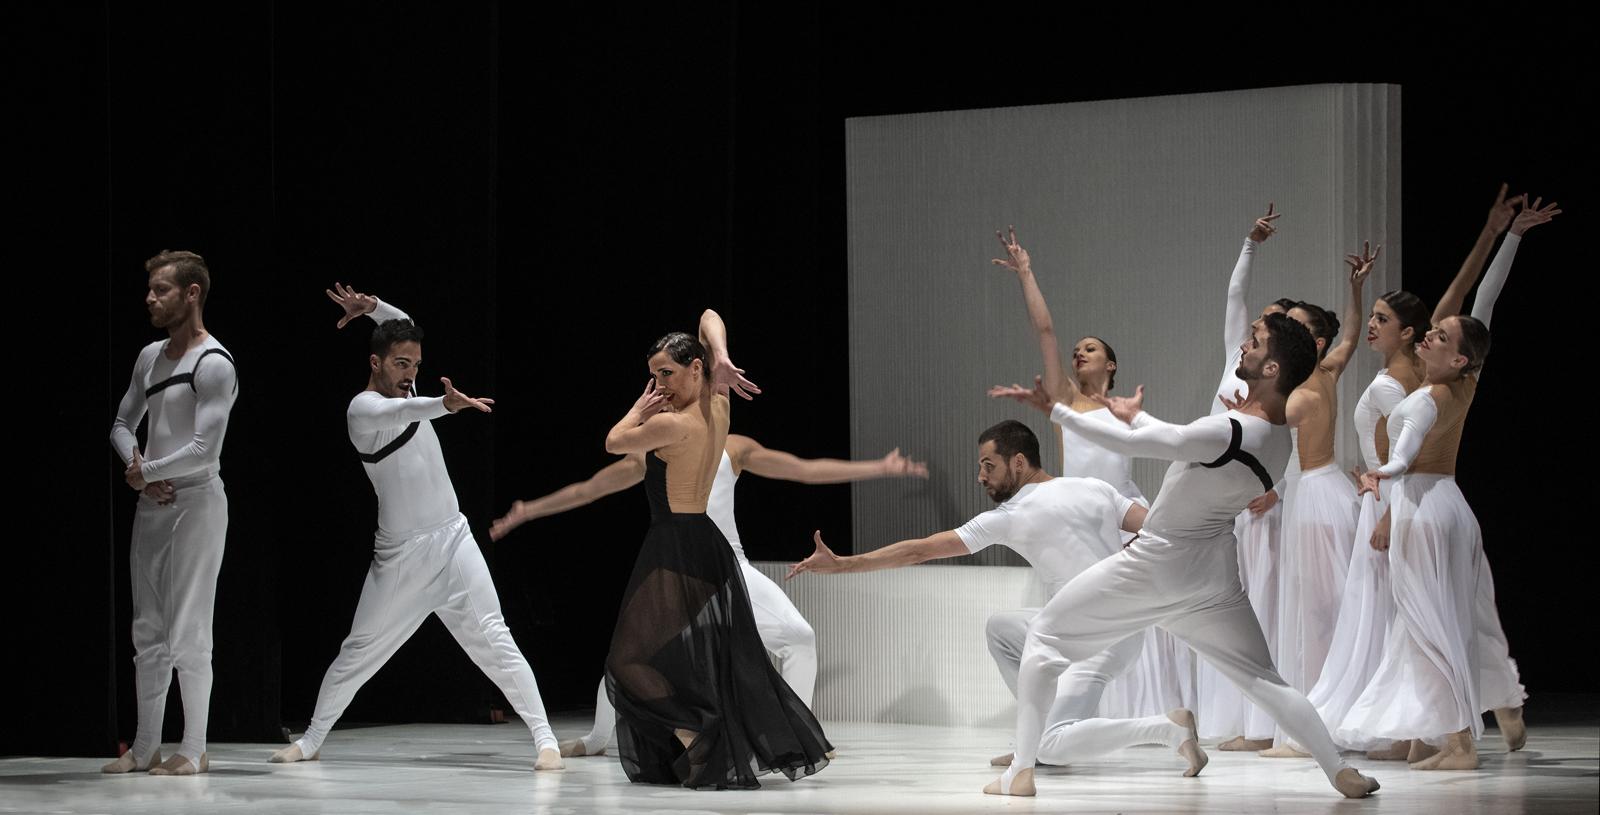 """El festival """"Sagunt a Escena"""" presenta el espectáculo de danza """"CARMEN.maquia"""" en el Teatro Romano de Sagunto"""